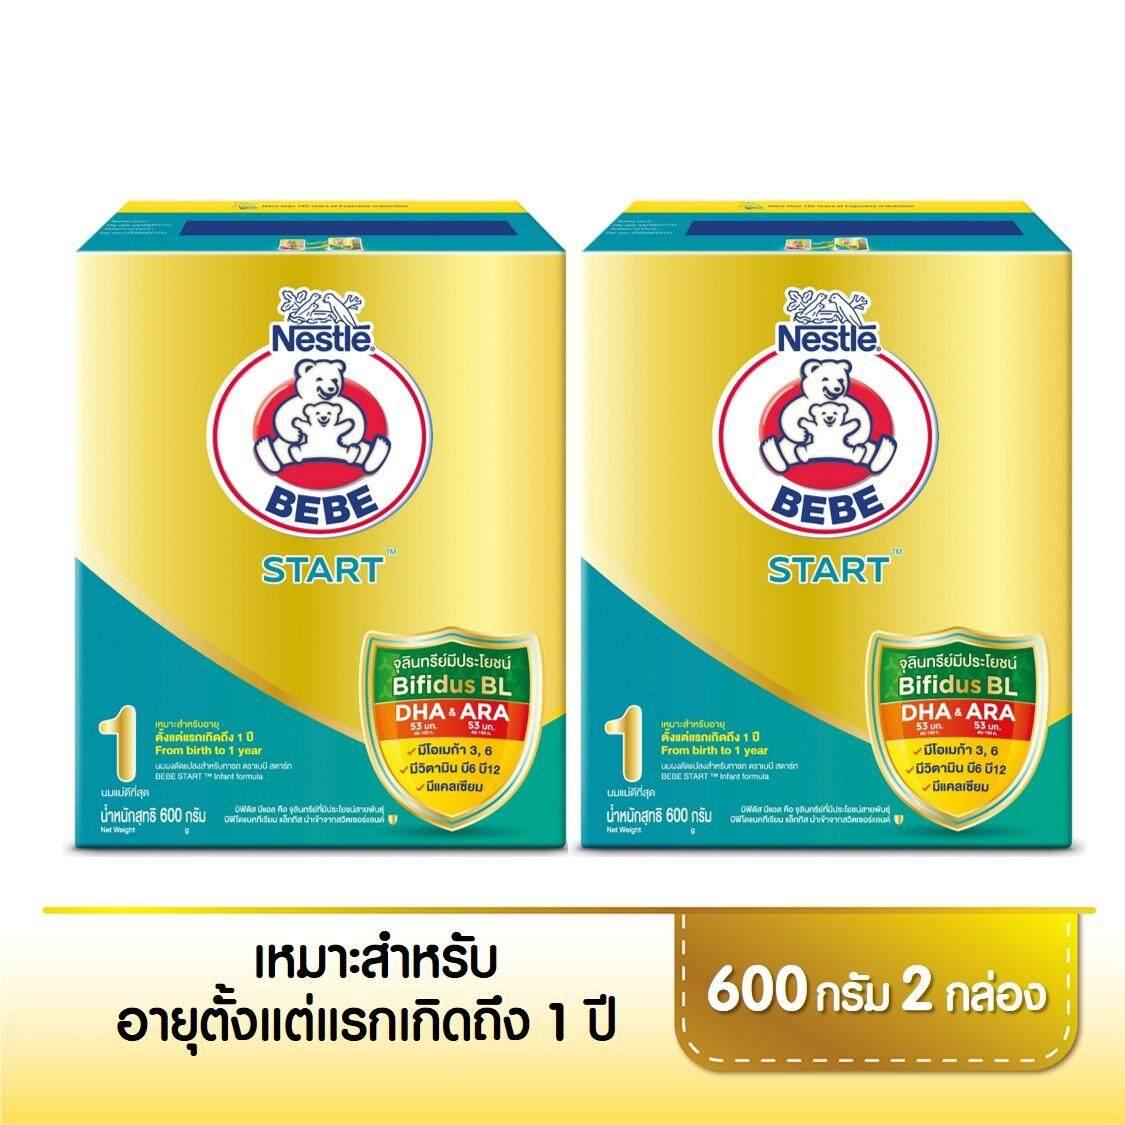 ราคาถูก  นมผง ตราเบบี แอดวานซ์ สตาร์ท นมผงสำหรับทารก ขนาด 600 กรัม x 2กล่อง   รีวิวสินค้า ของแท้